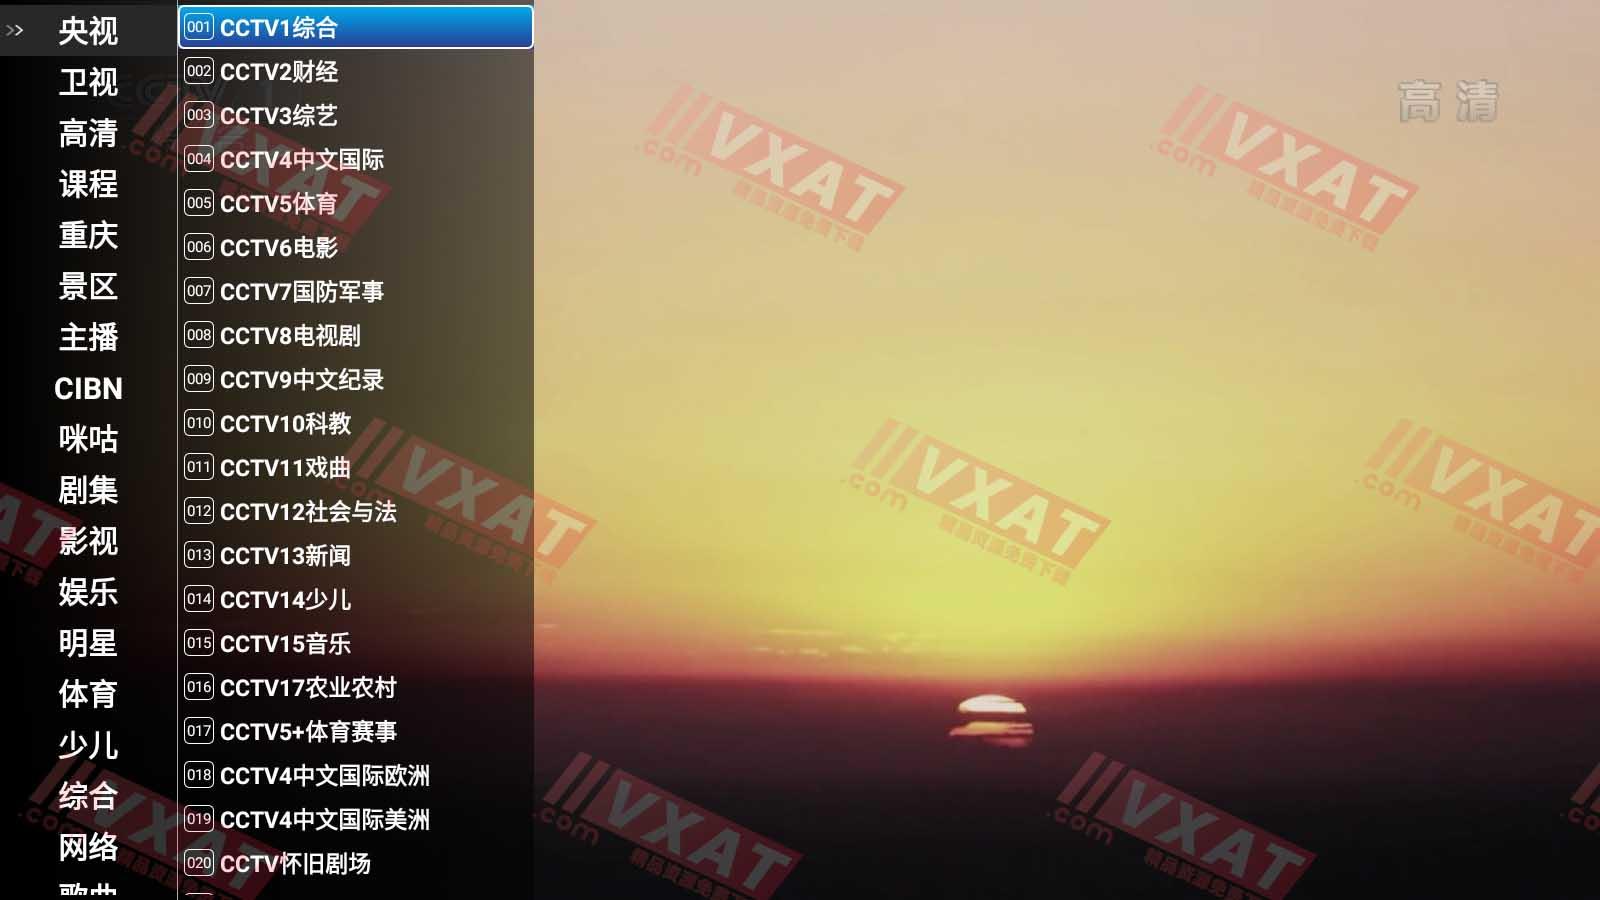 超级高清直播 v1.02.58 电视版 第1张